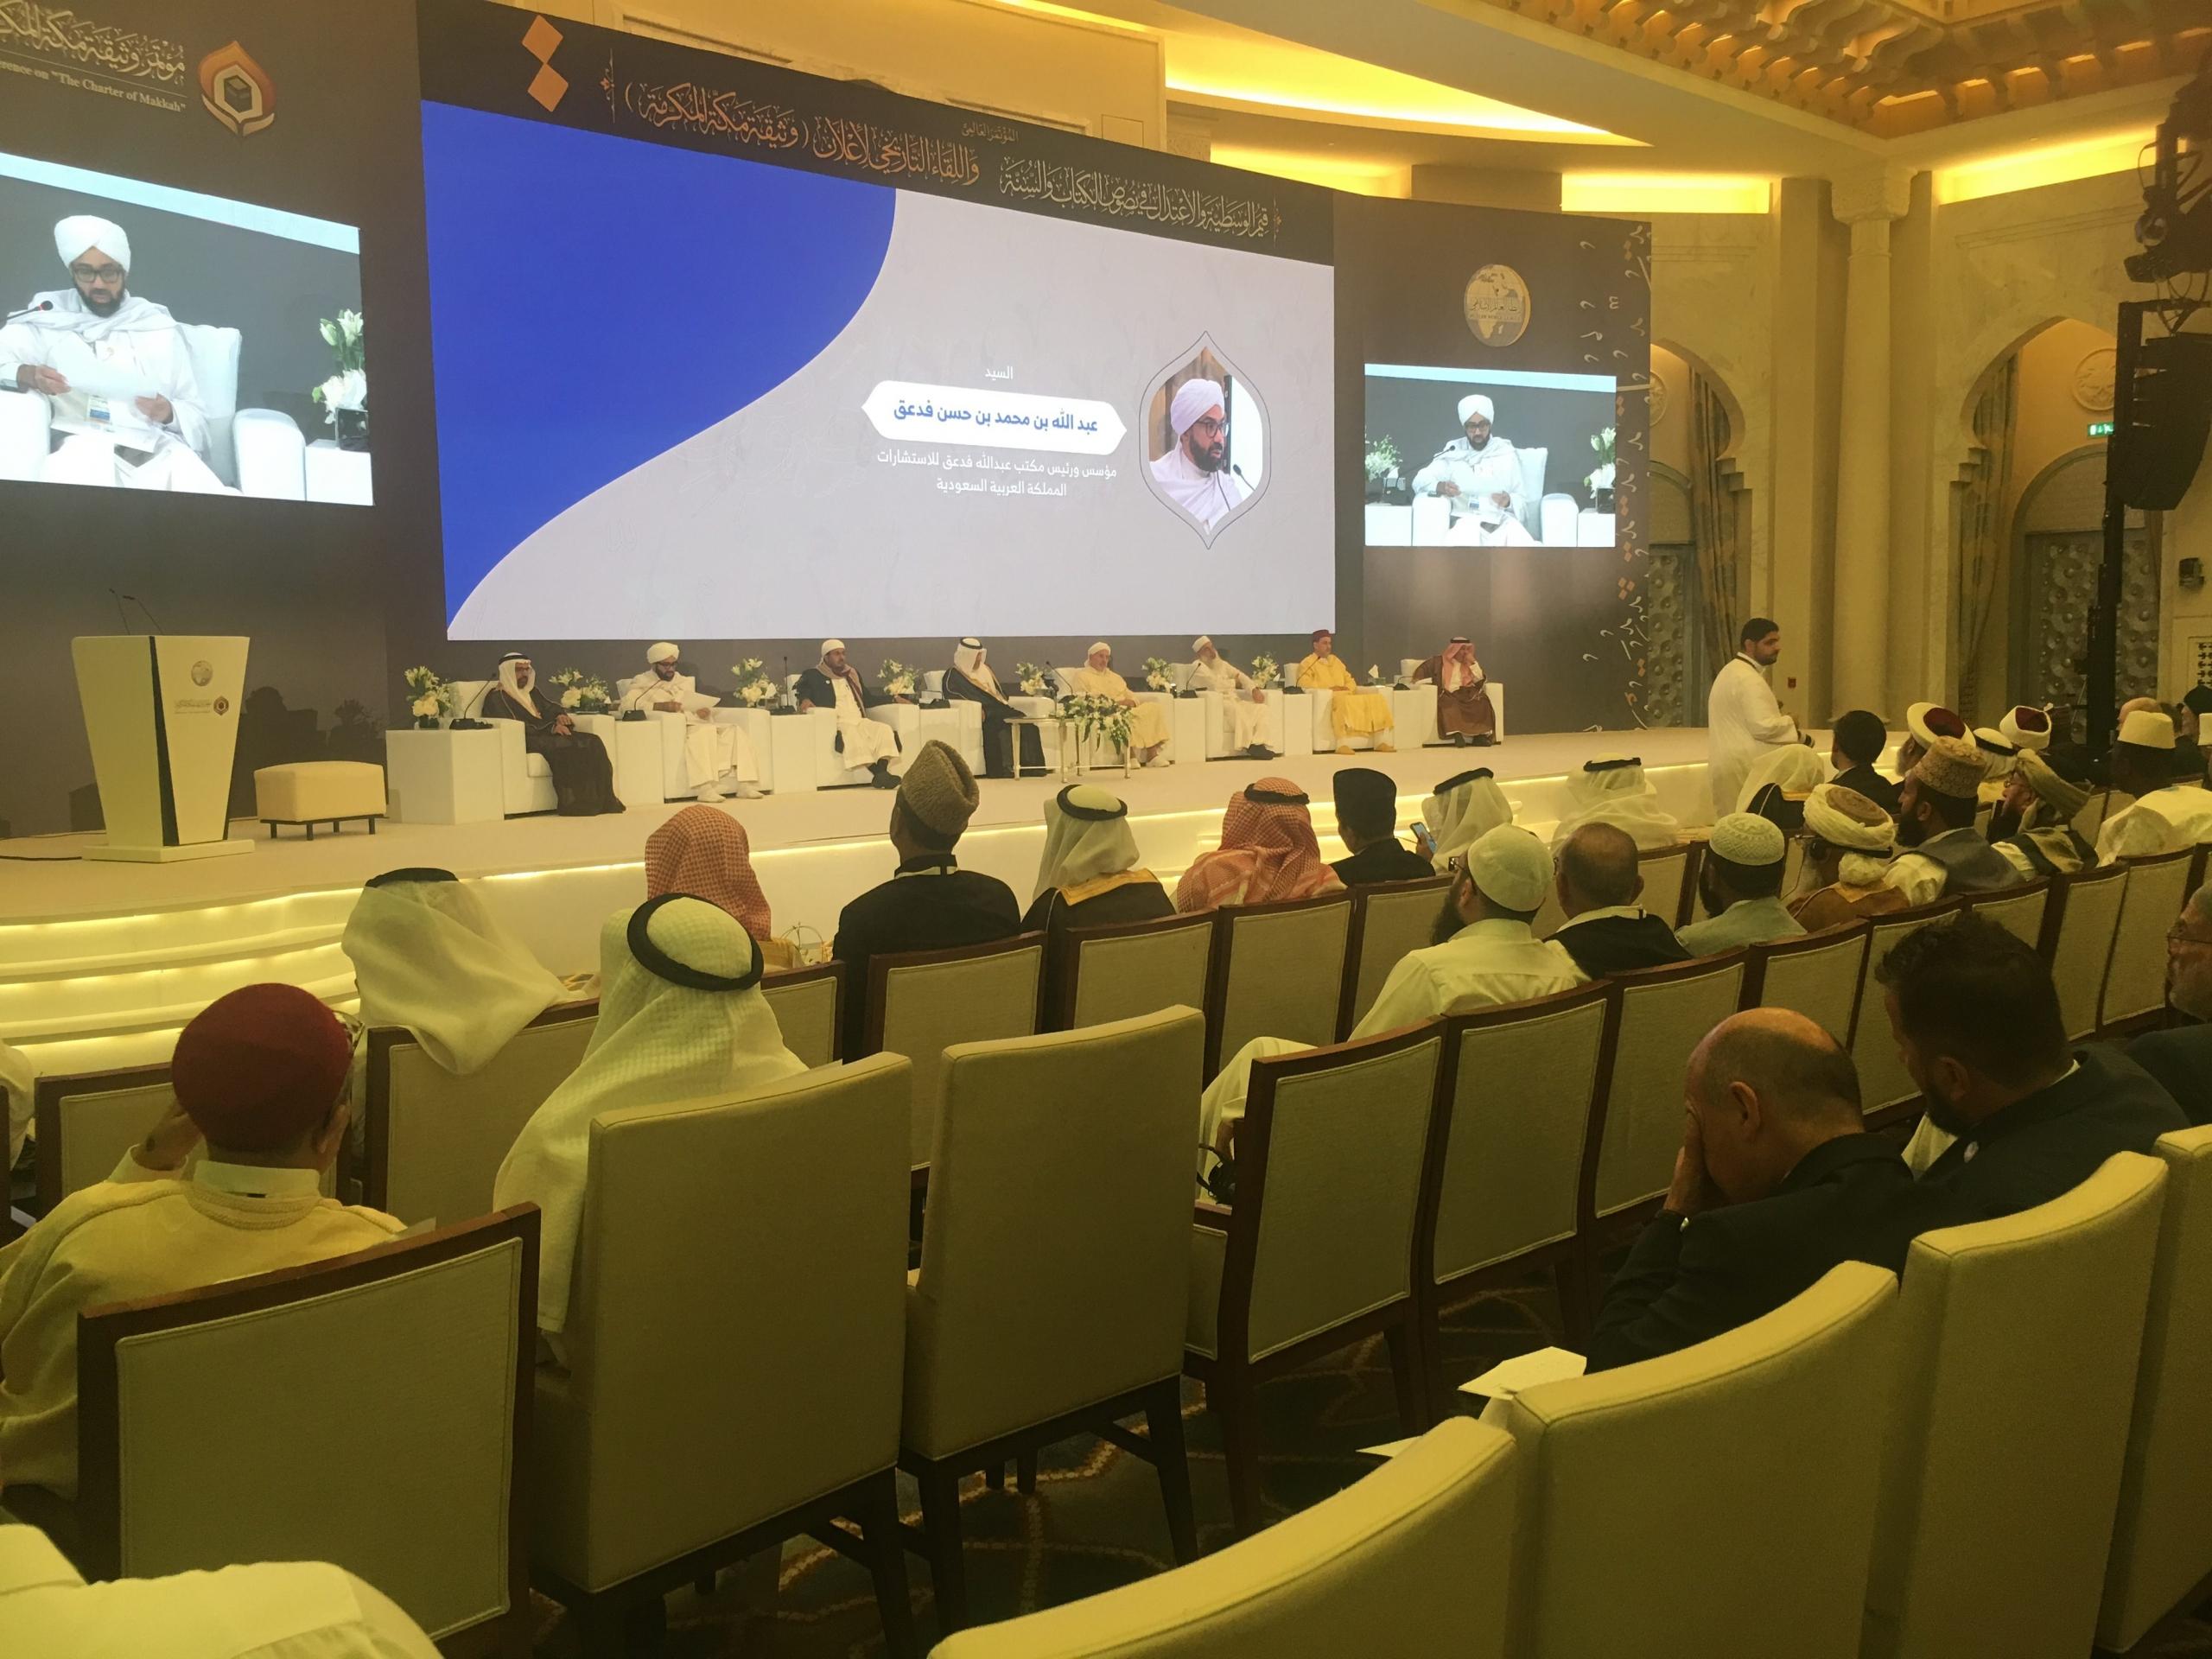 Kryetari i KMSH-së merr pjesë në konferencën ndërkombëtarë në Arabinë Saudite